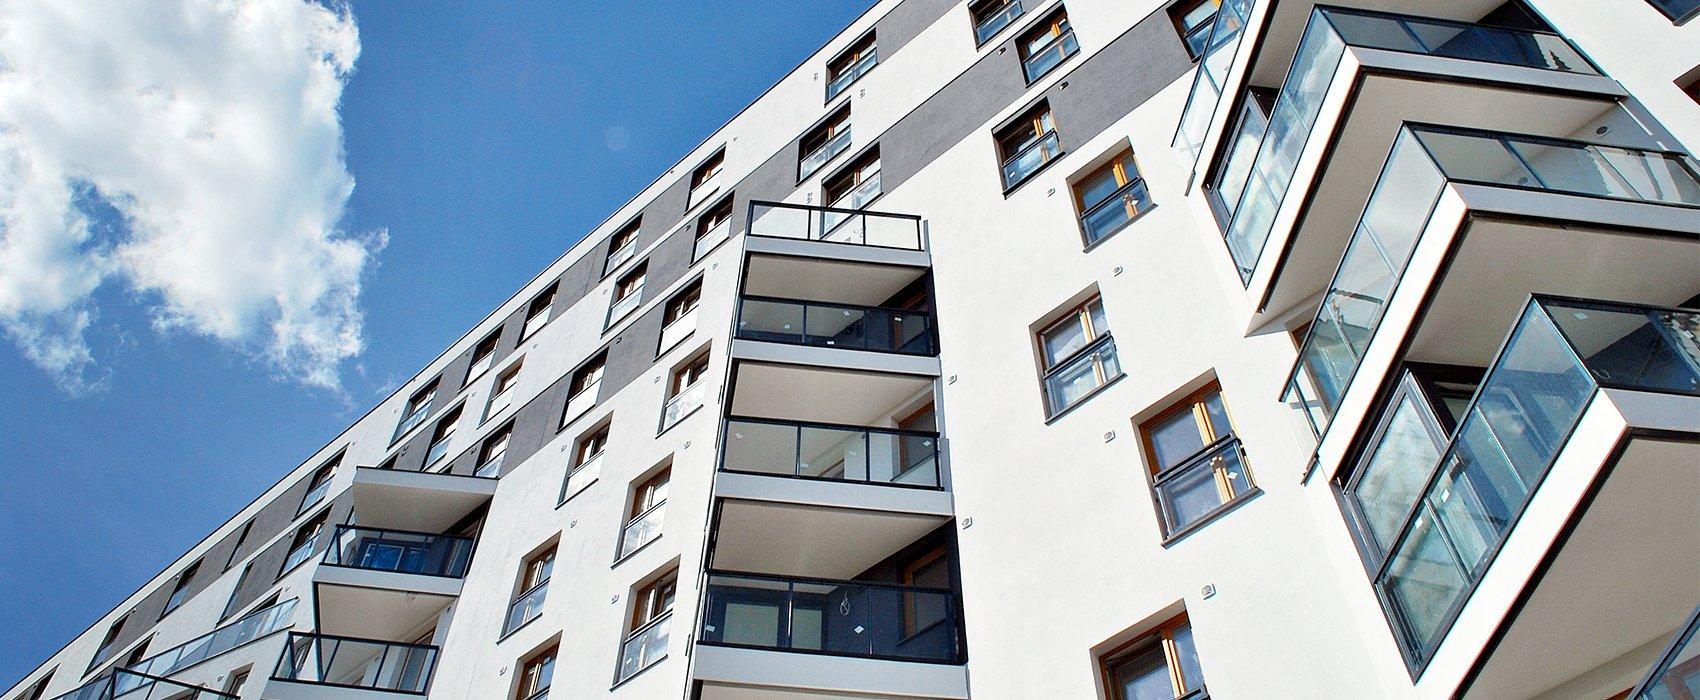 Une année exceptionnelle pour l'immobilier en 2019